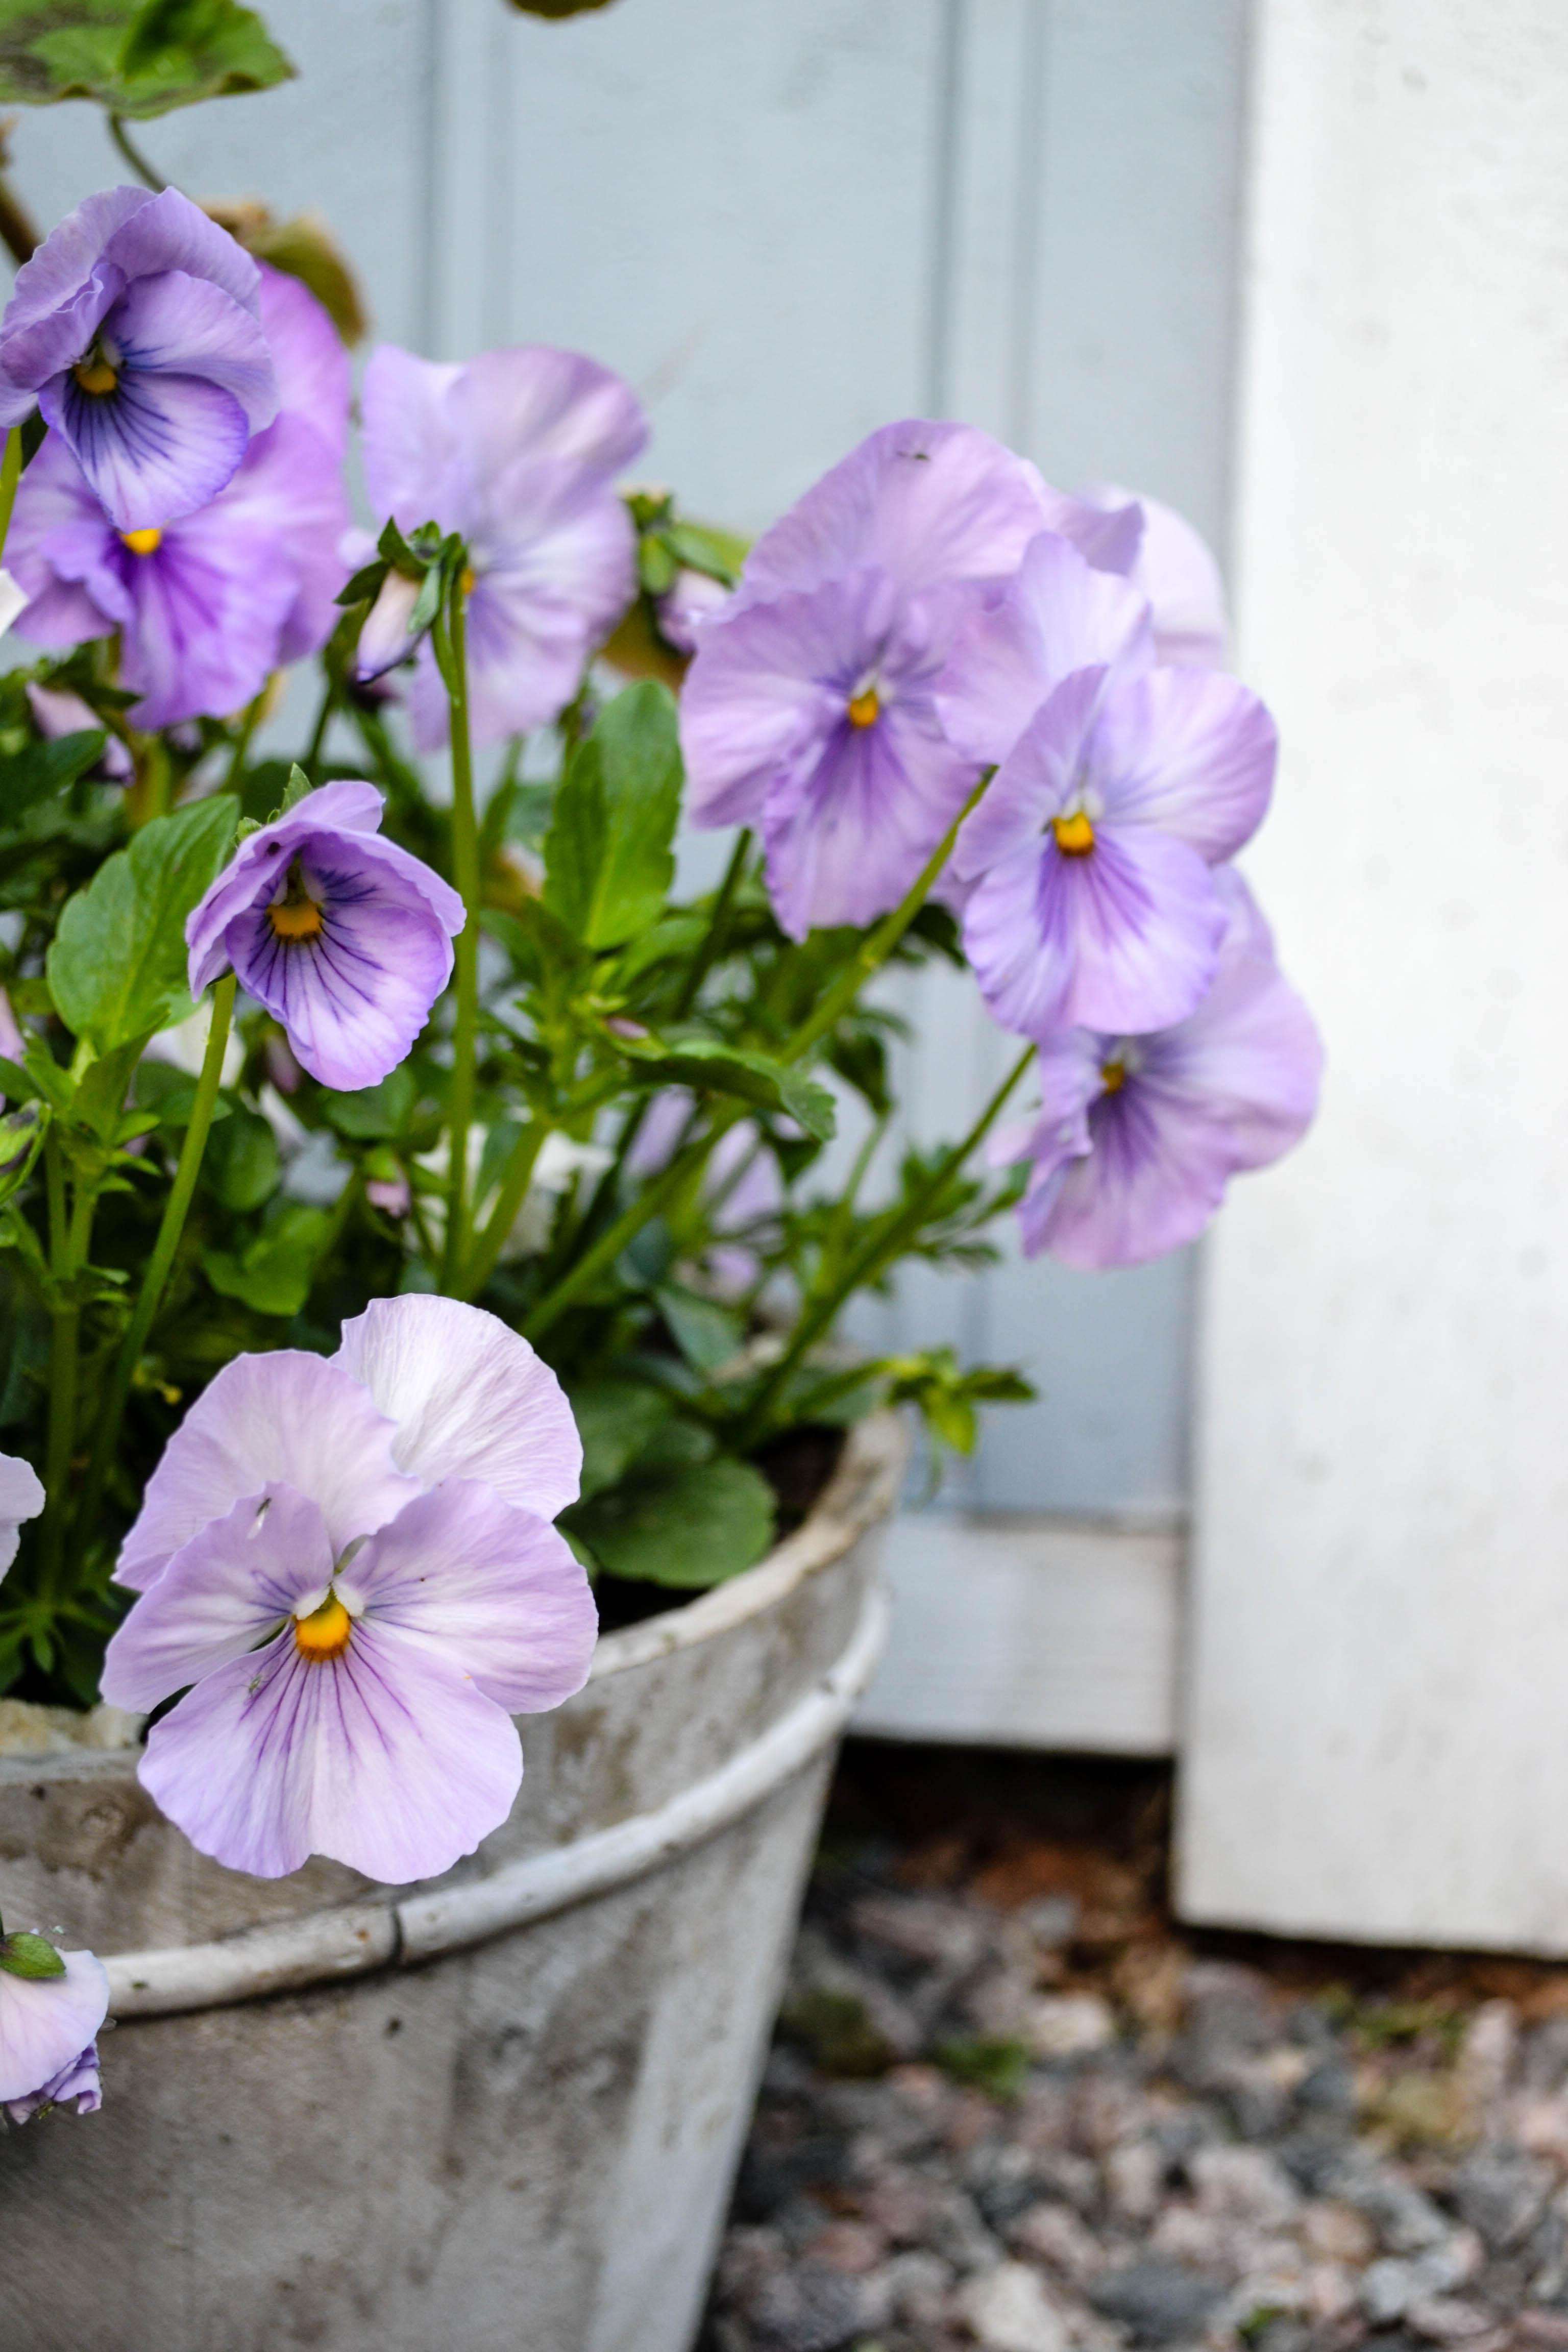 flowerdiaryS16 (11 of 13)